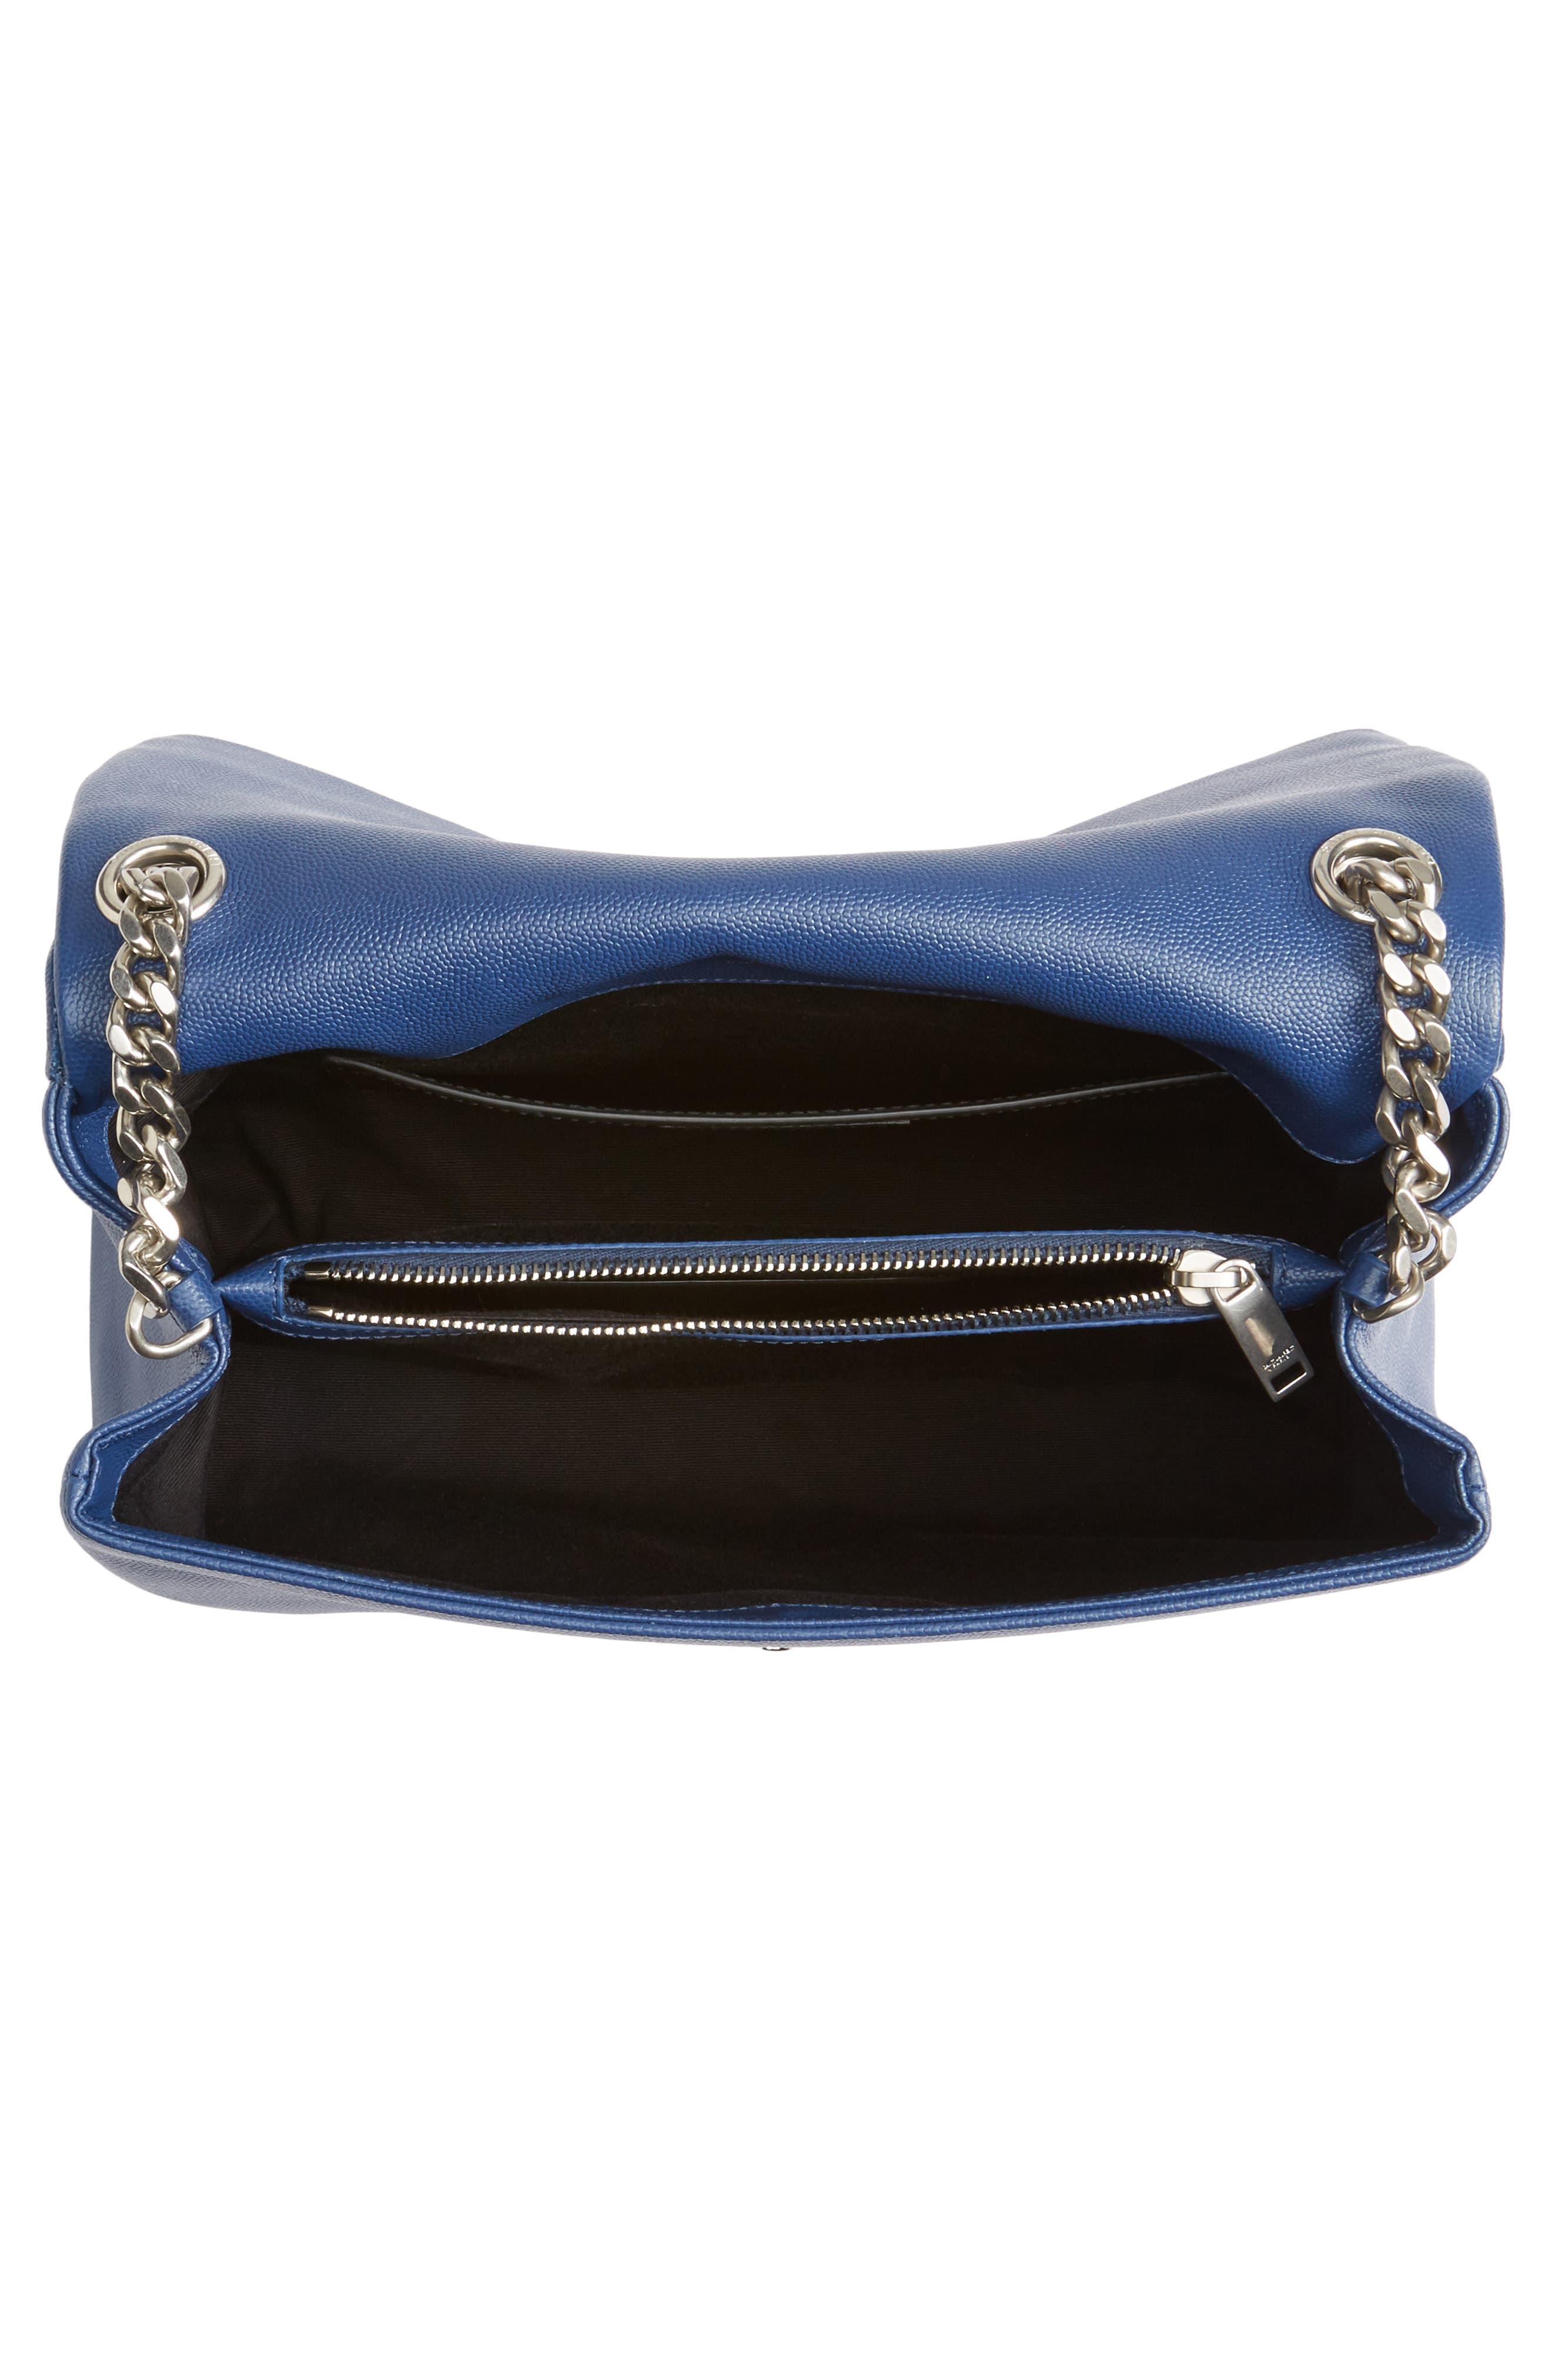 Medium West Hollywood Leather Shoulder Bag,                             Alternate thumbnail 11, color,